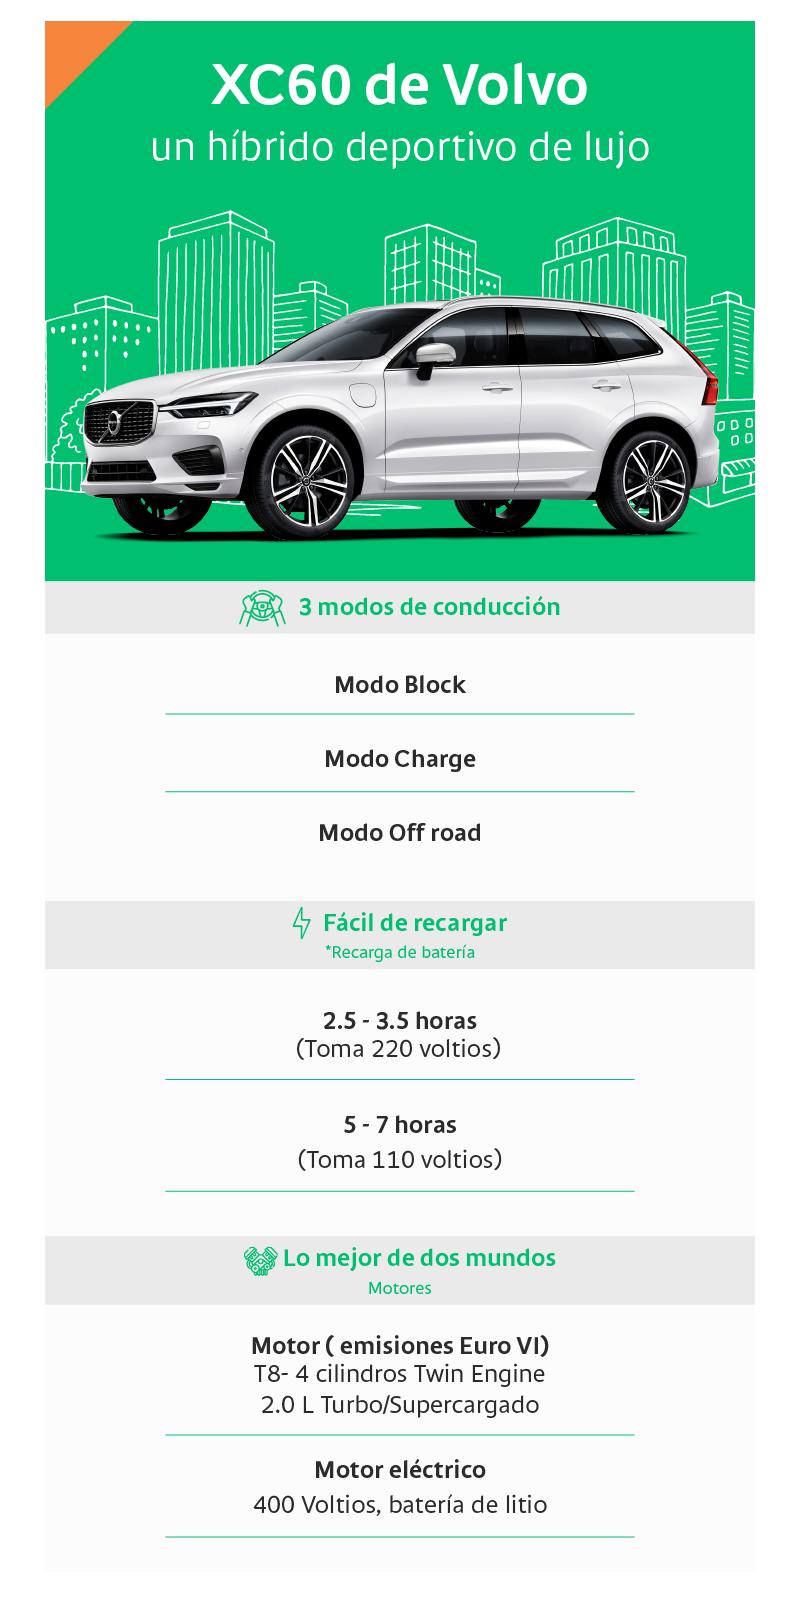 Infografia_VolvoXC60